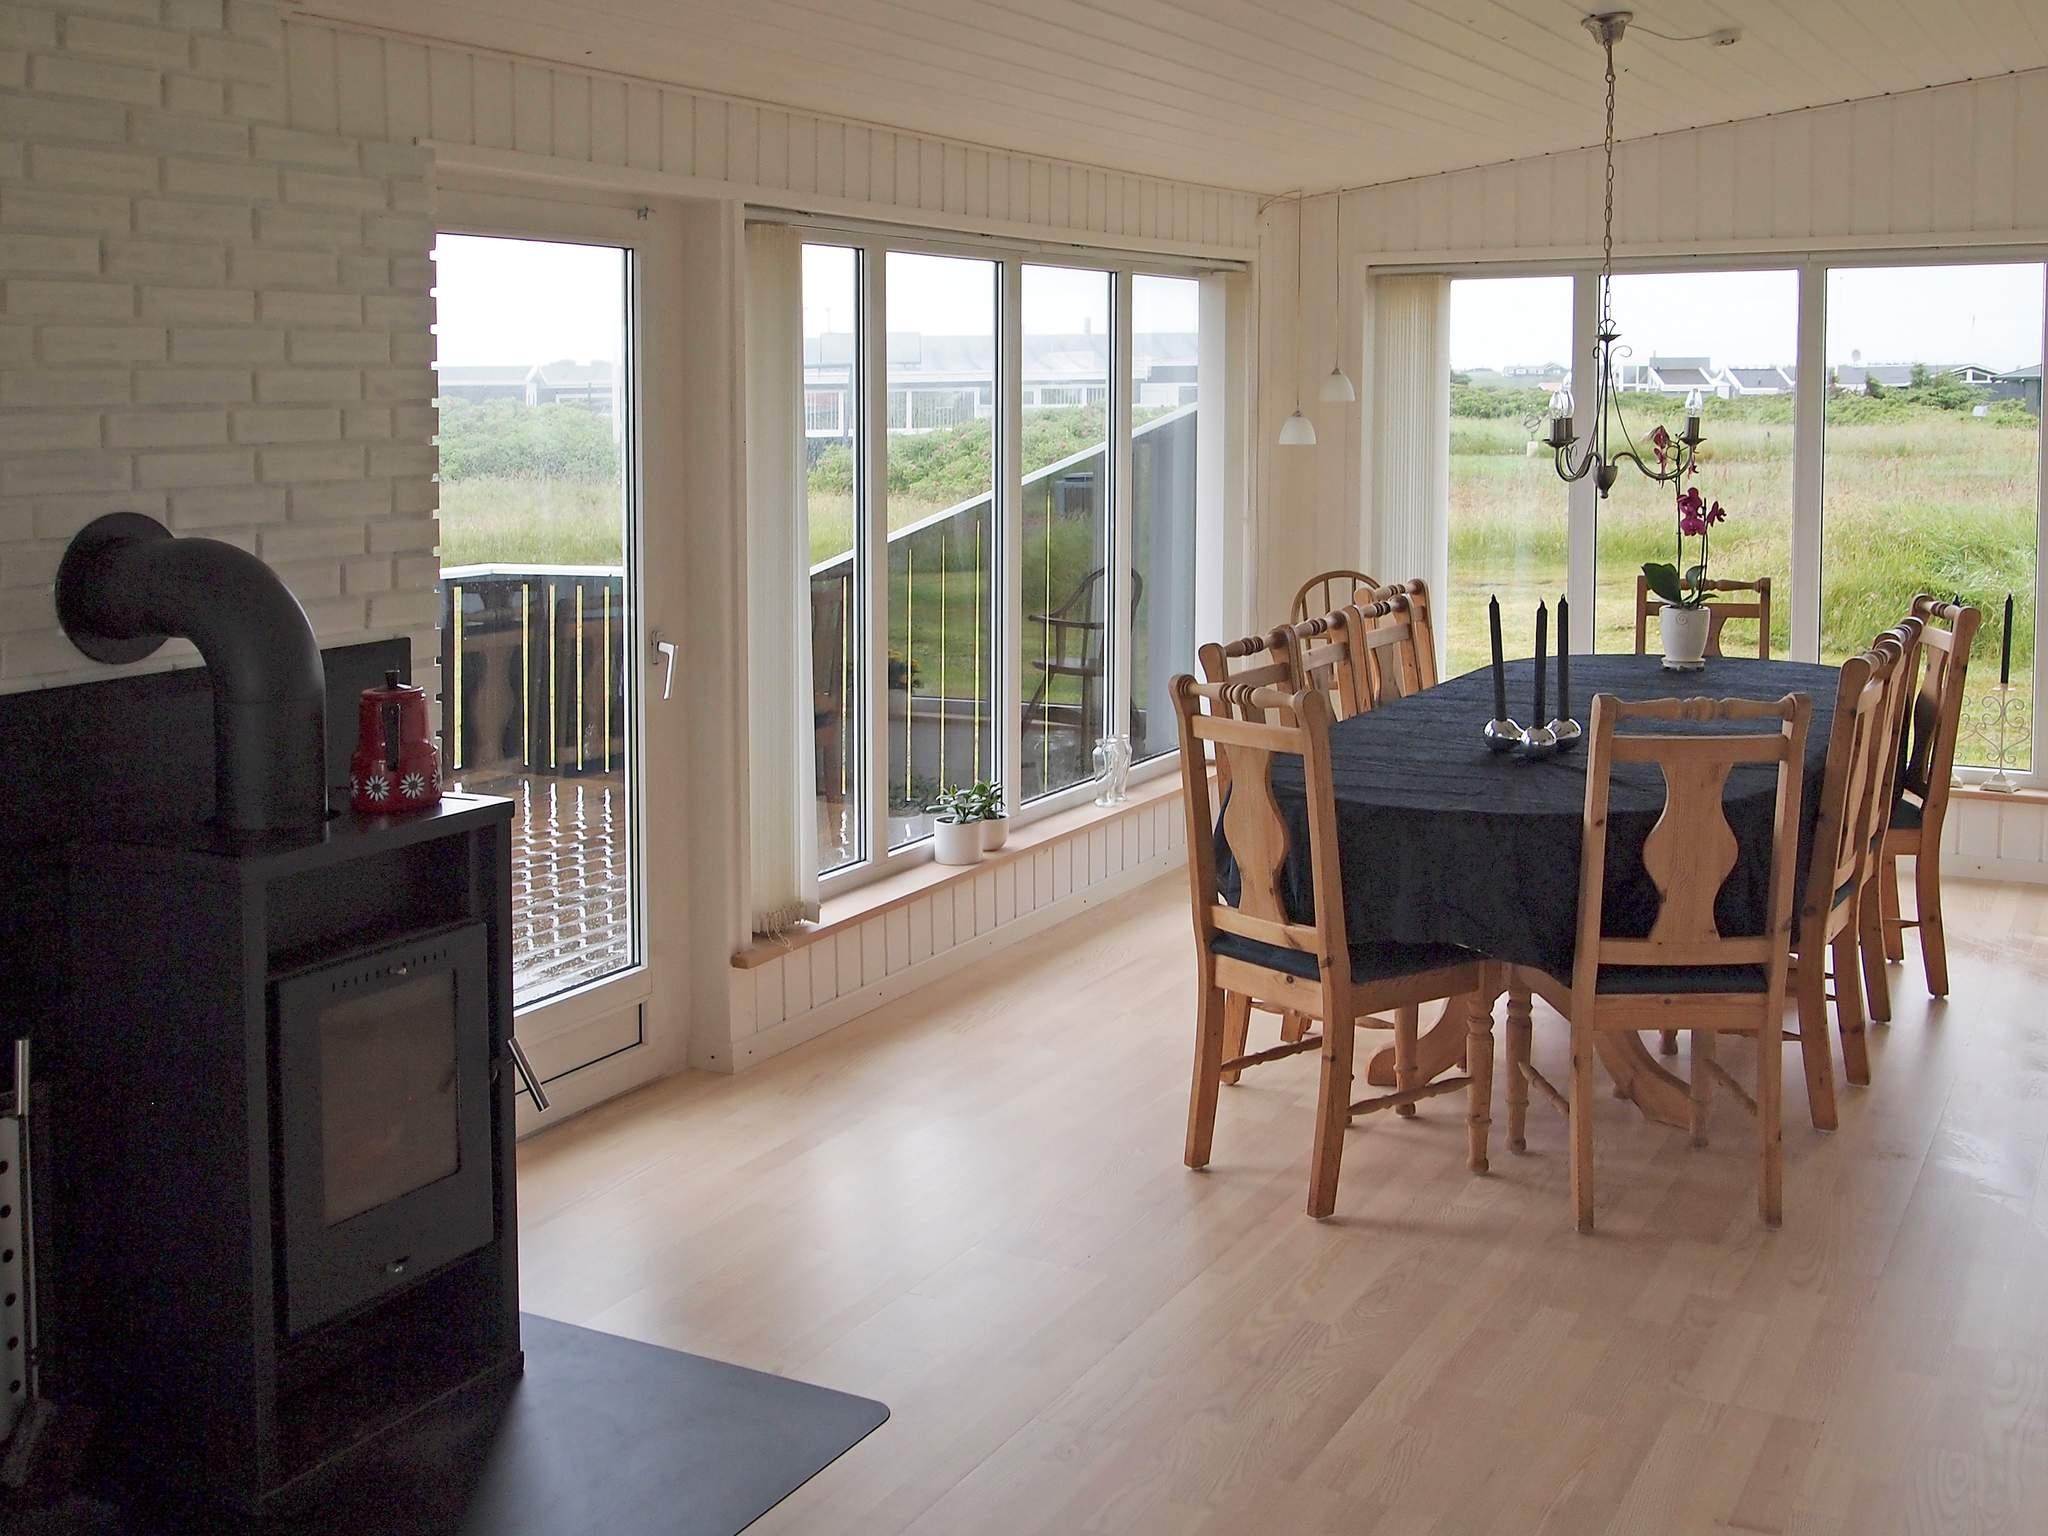 Ferienhaus Løkken (83321), Løkken, , Nordwestjütland, Dänemark, Bild 5